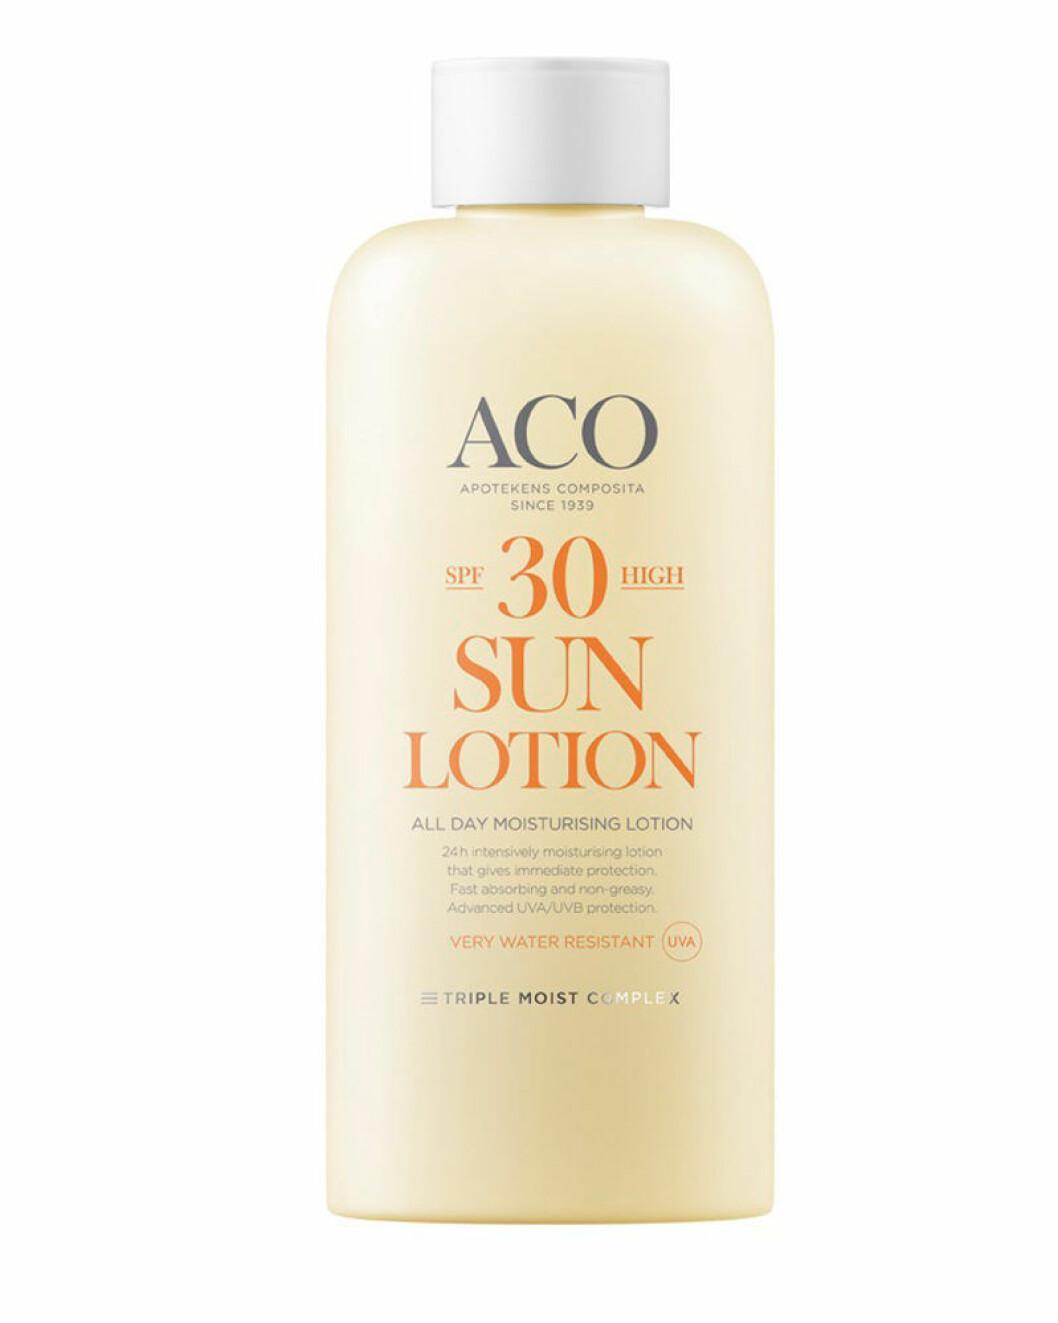 ACO spa 30 sun lotion